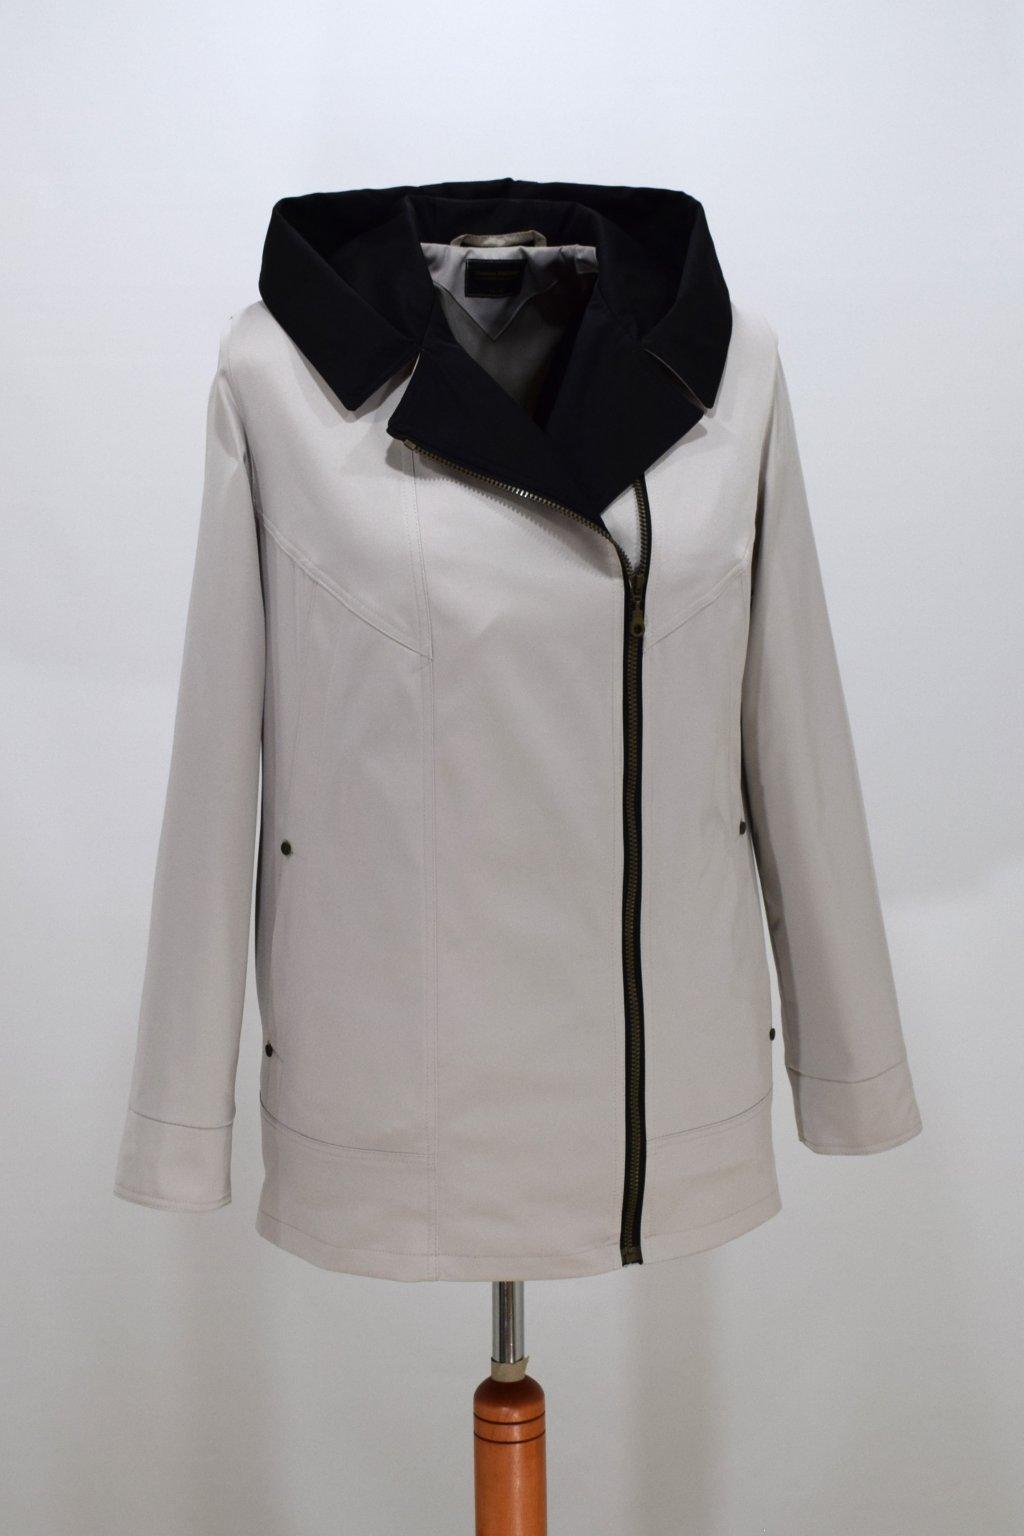 Dámská smetanová jarní bunda Marika nadměrné velikosti.